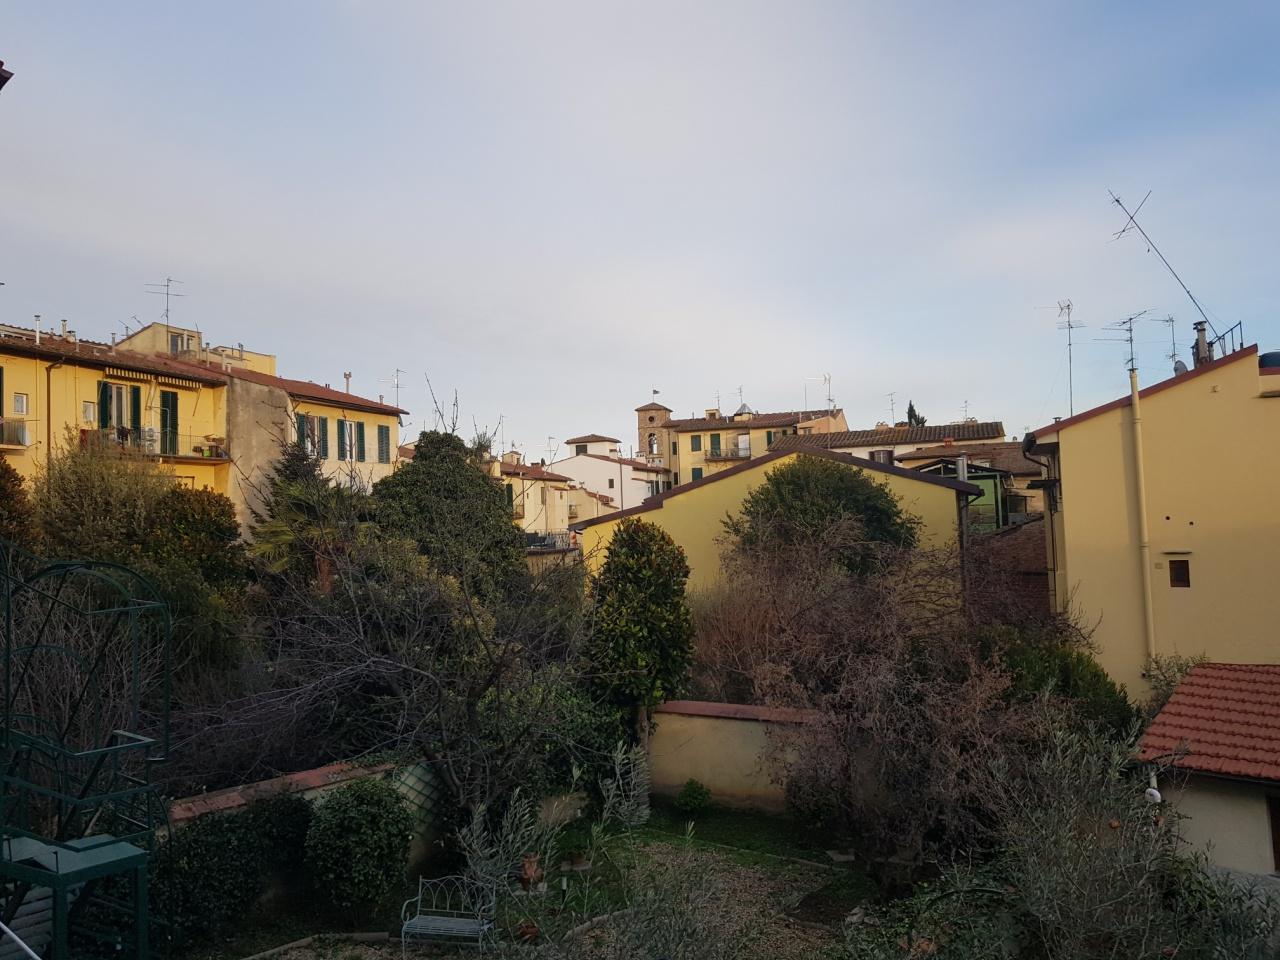 cerca Firenze  Campo Di Marte / Cure / Coverciano APPARTAMENTO VENDITA